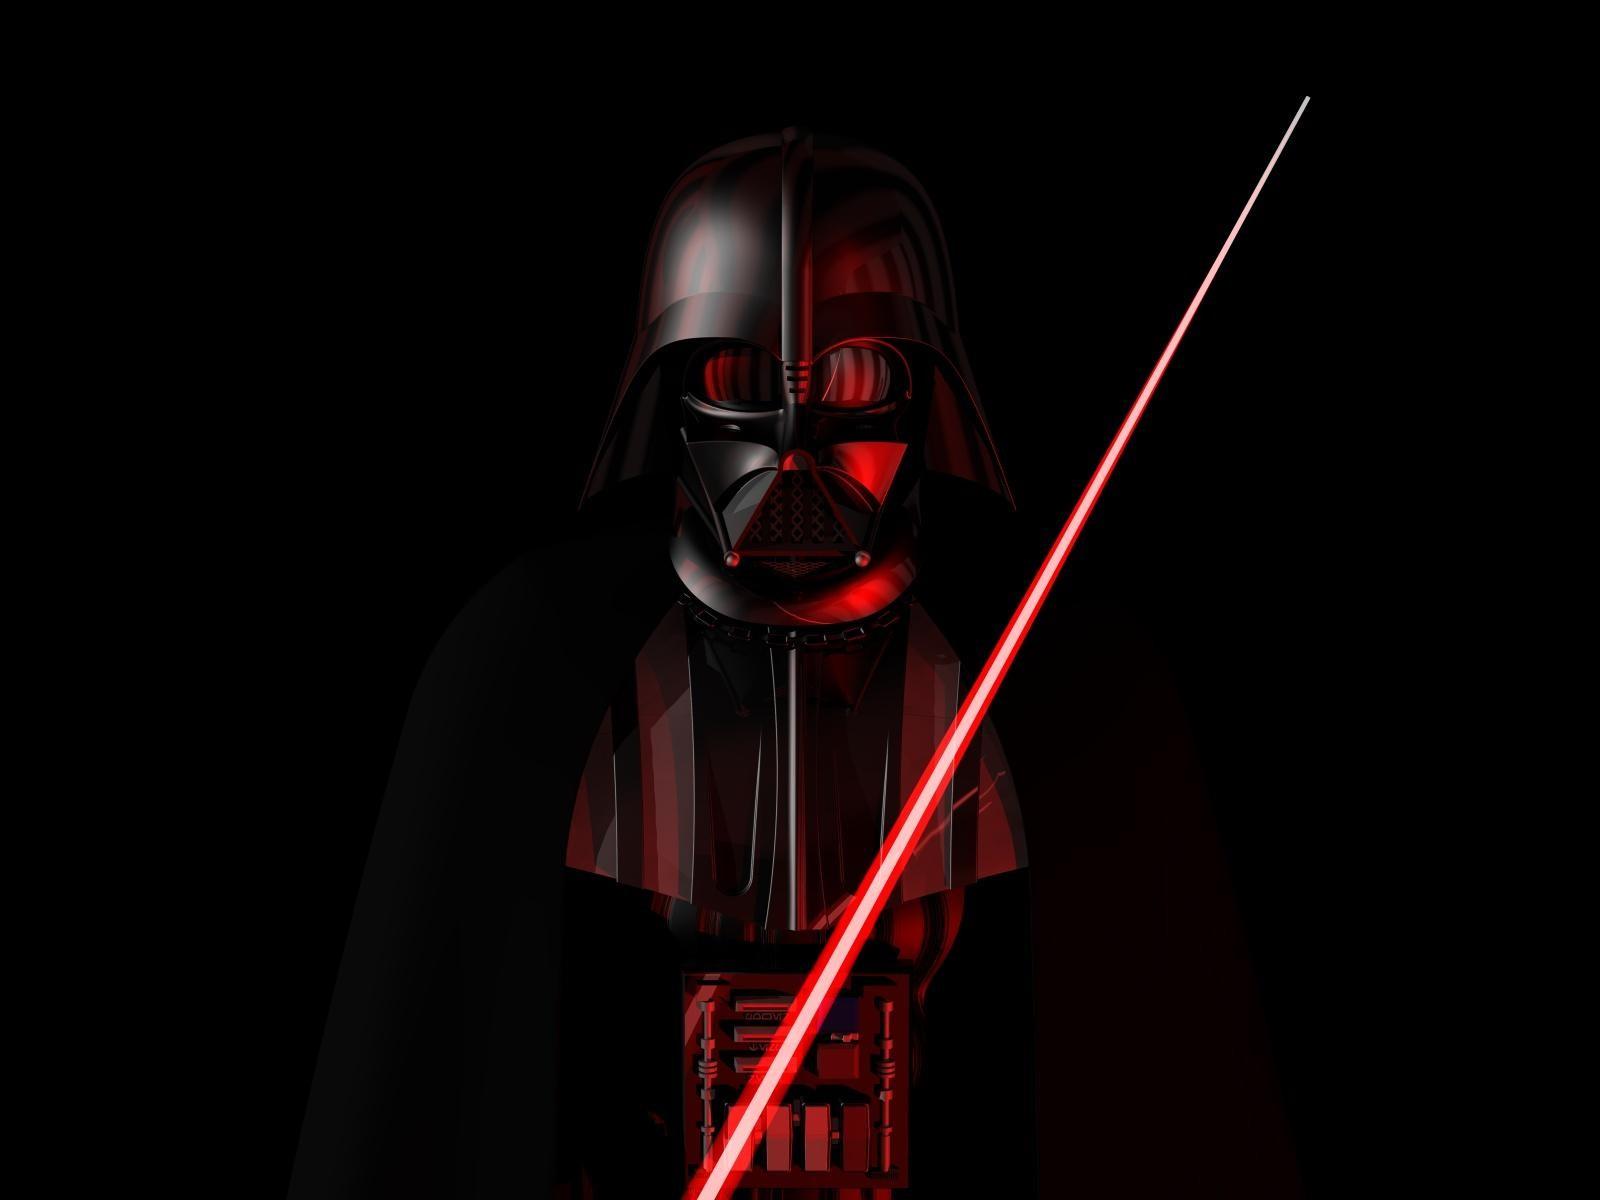 Wallpaper star wars darth vader dark side wallpapers films 1600x1200